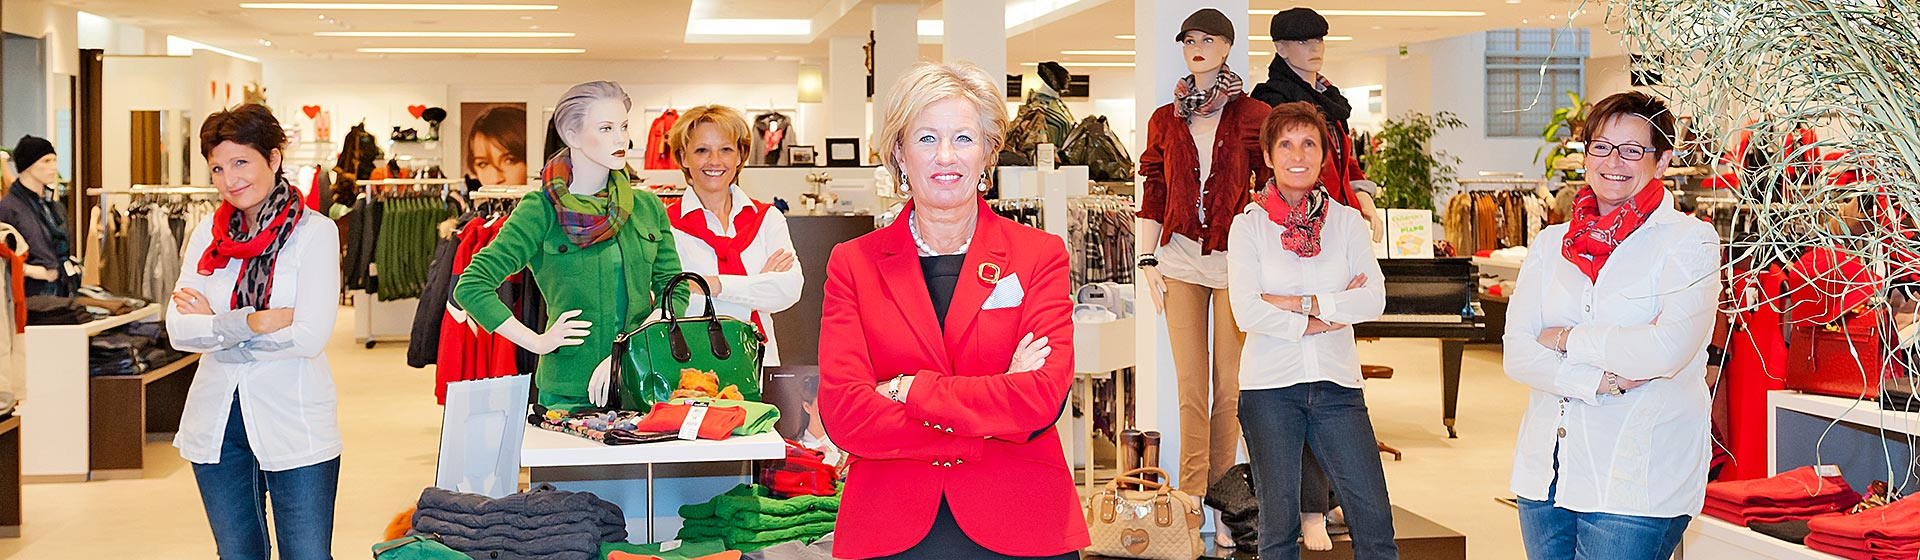 Das Kiennast Modeteam unter der Leitung von Christiana Kiennast.